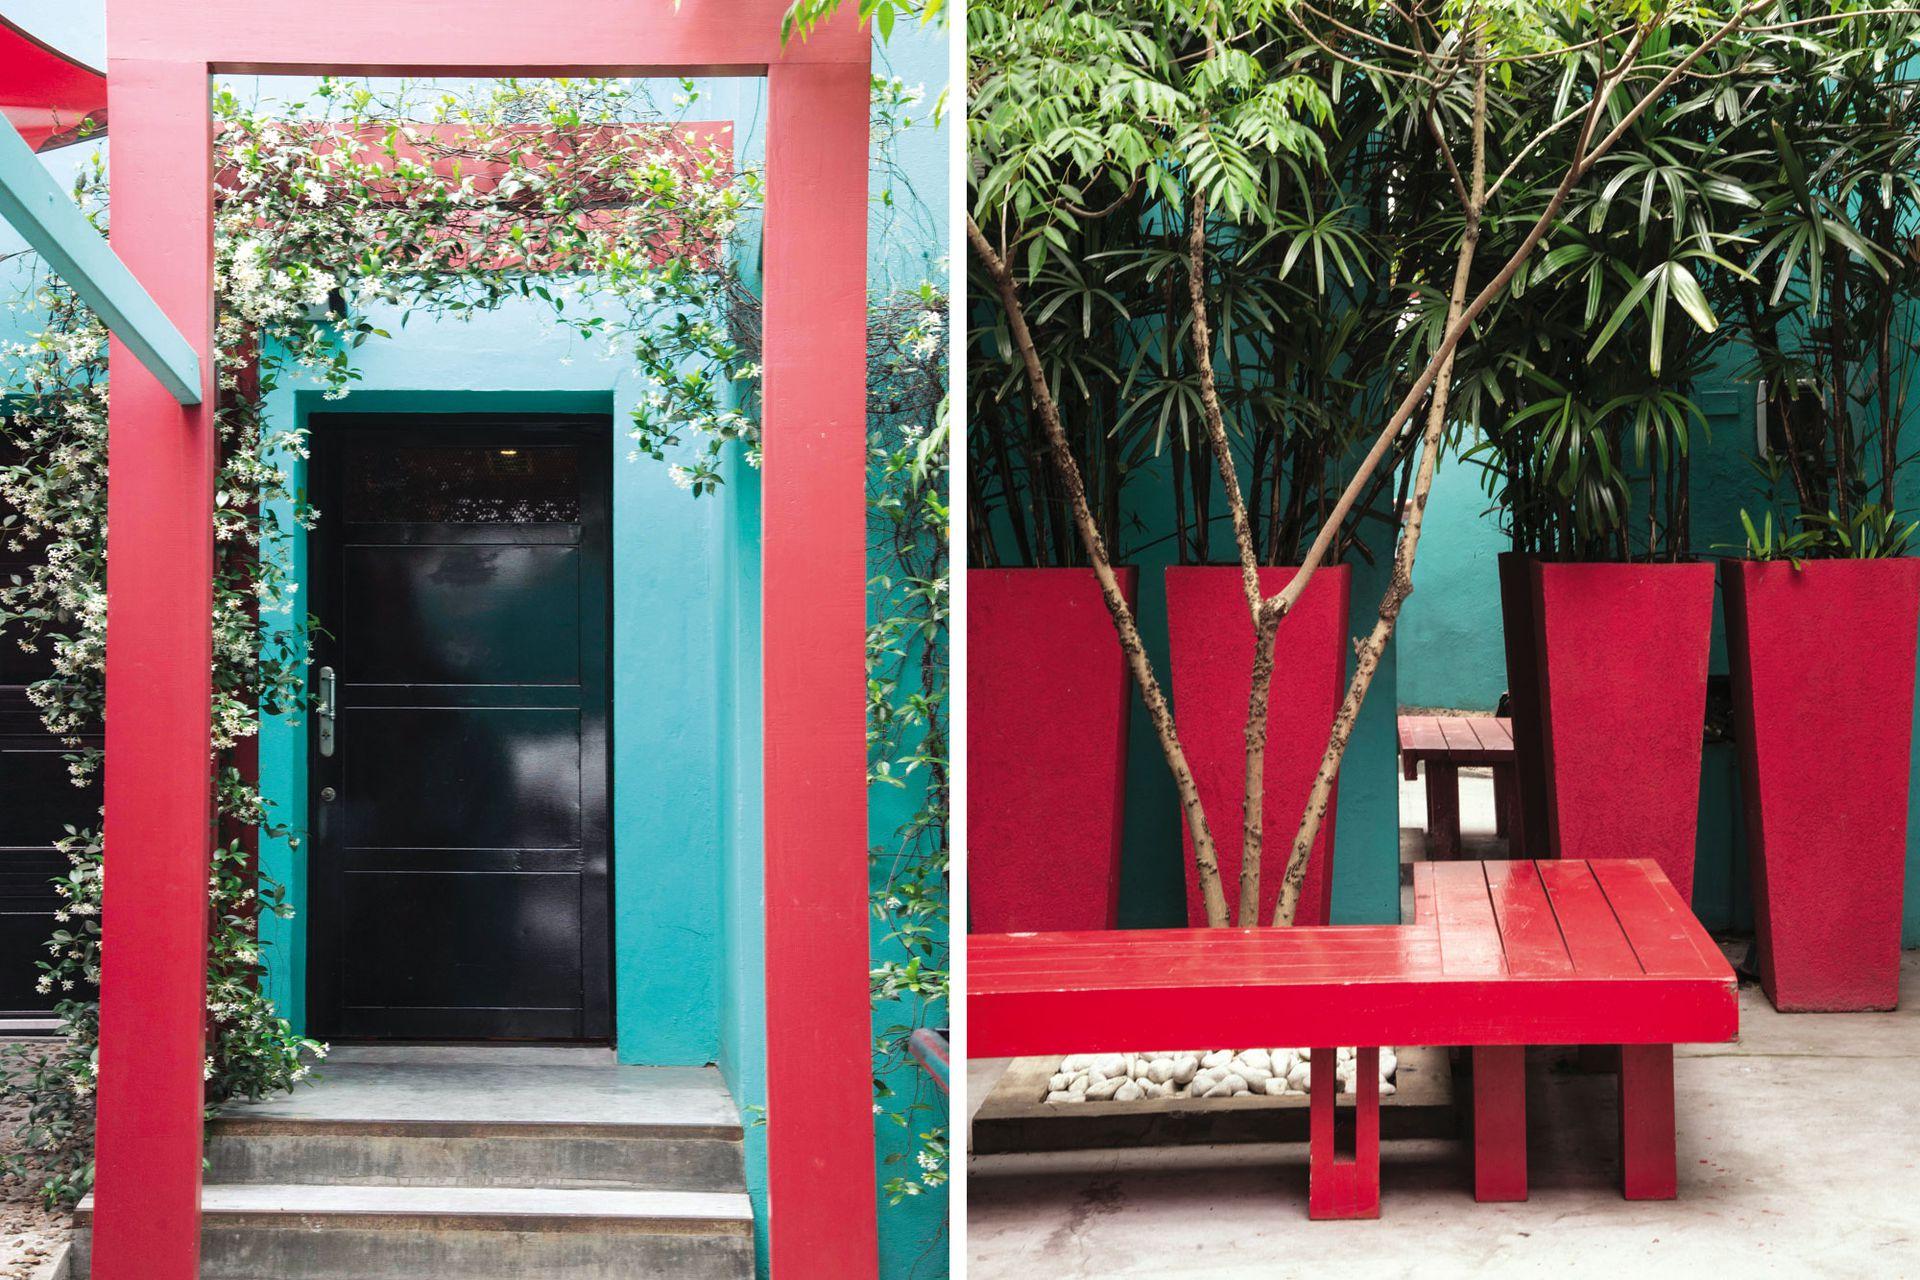 """Los arcos de madera pintados de rojo (que contrastan con el color de la casa) enfatizan la entrada principal y fueron """"alivianados"""" con el verde de los jazmines."""